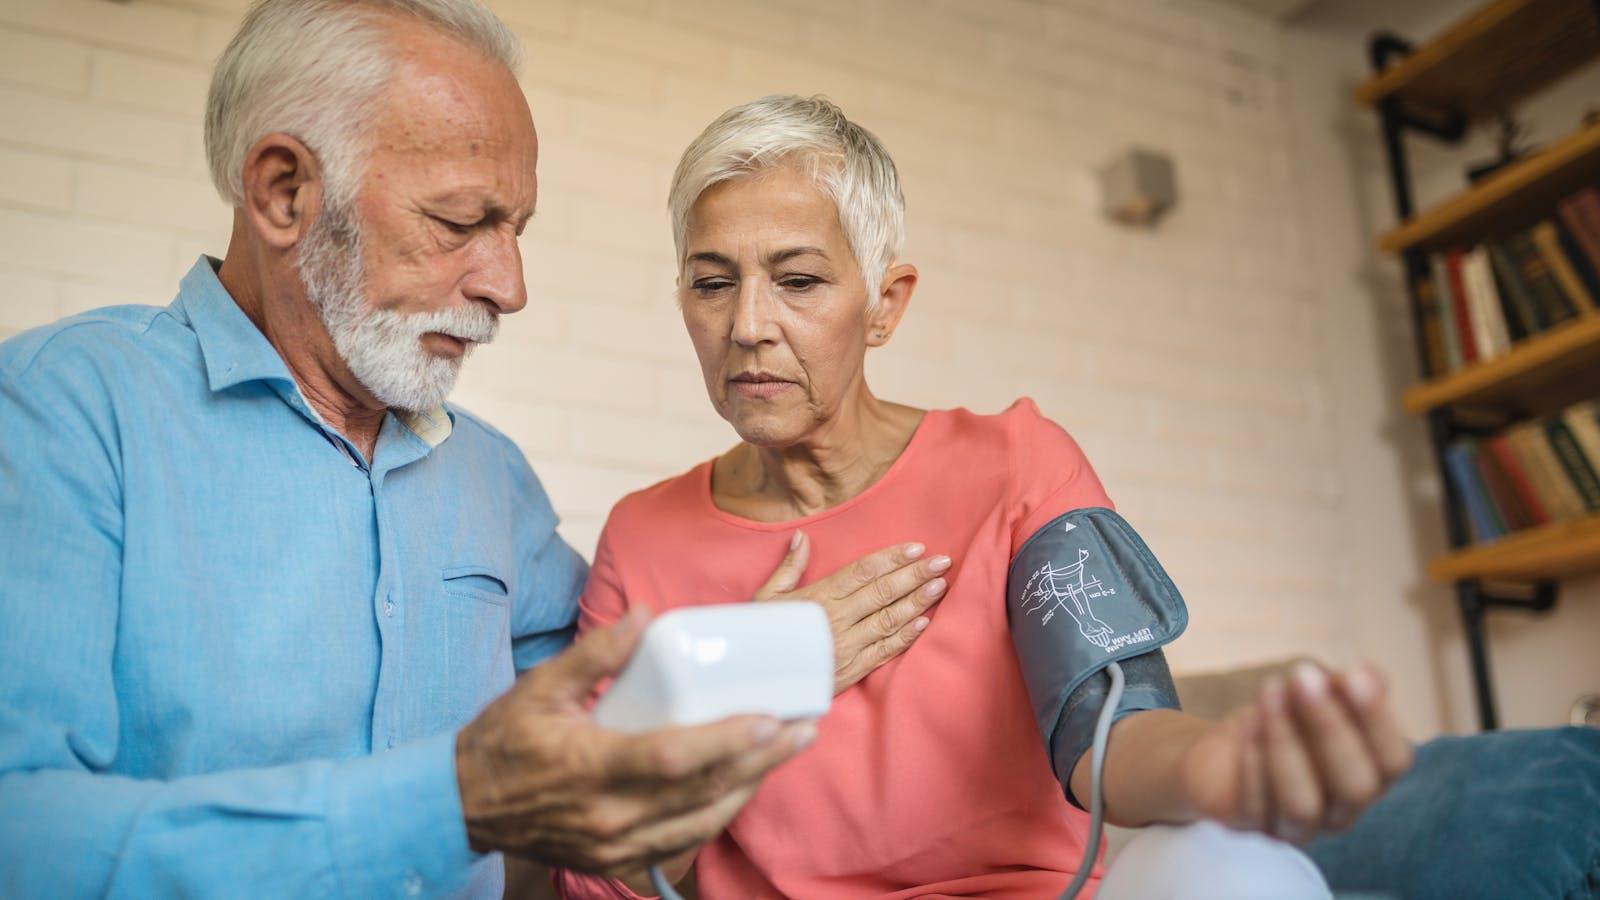 ¿Cuál es una presión arterial normal? - Diet Doctor